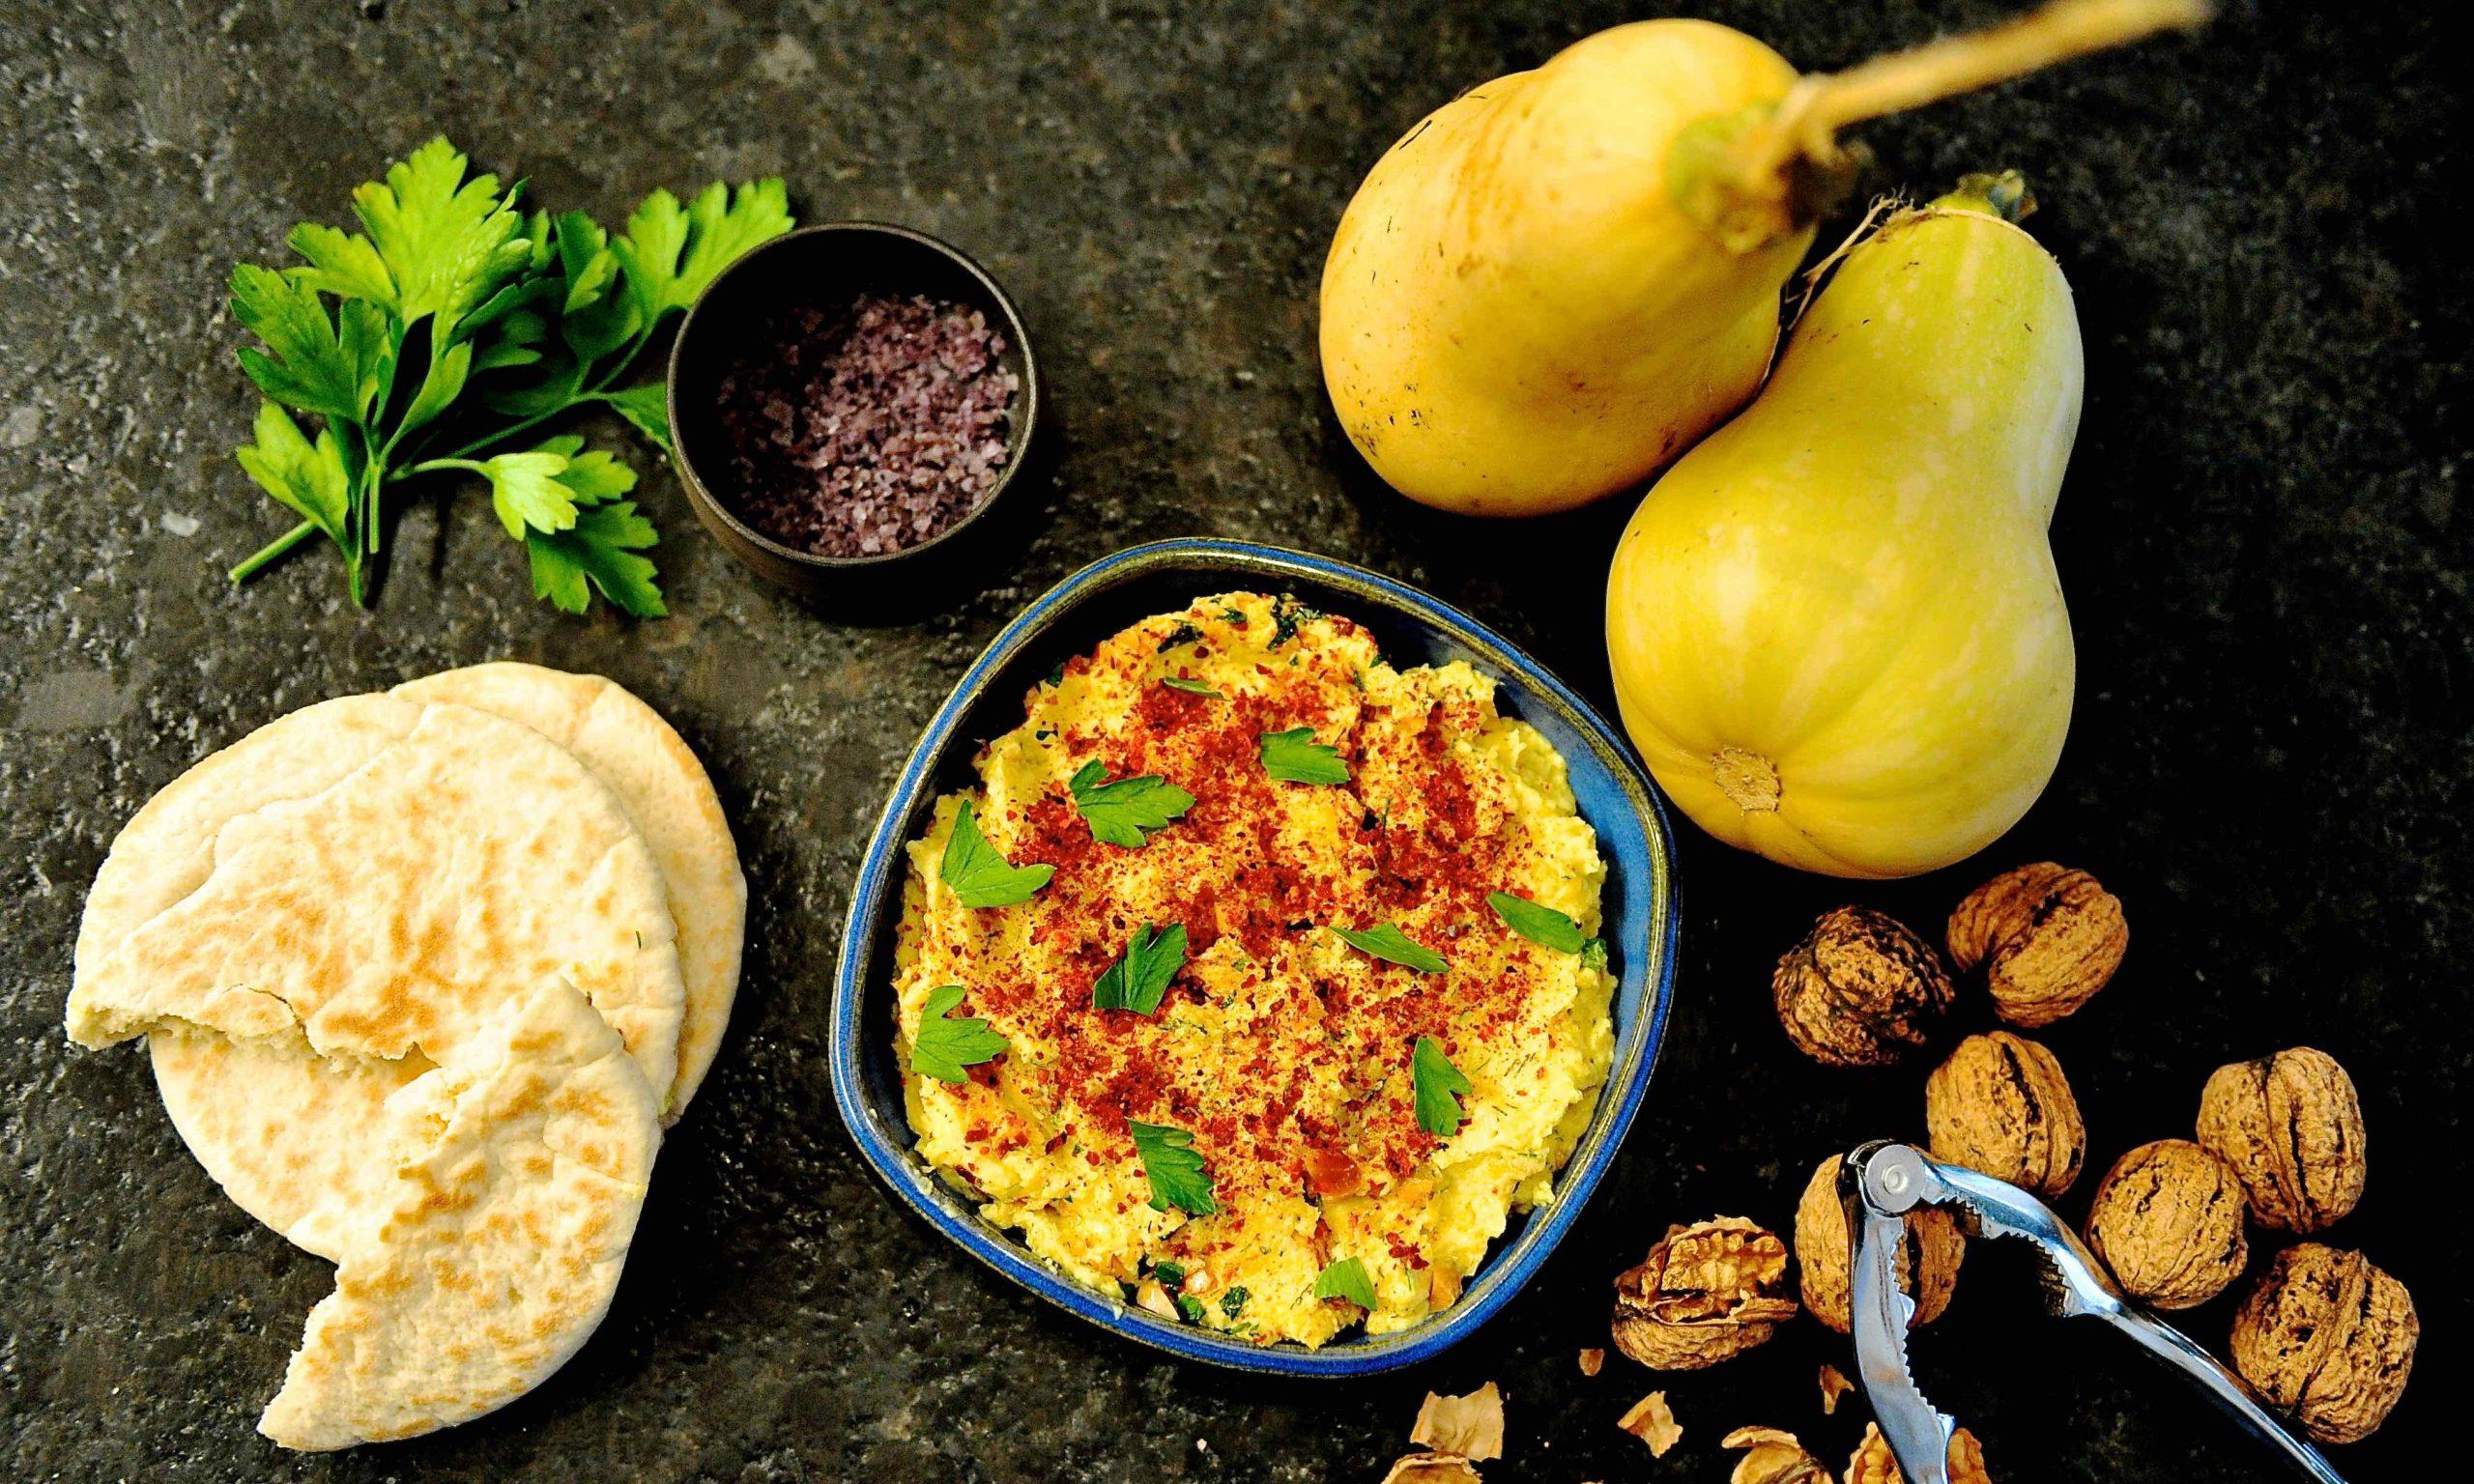 Butternusskürbis, Brot und Nüsse zu einer Schale Borani